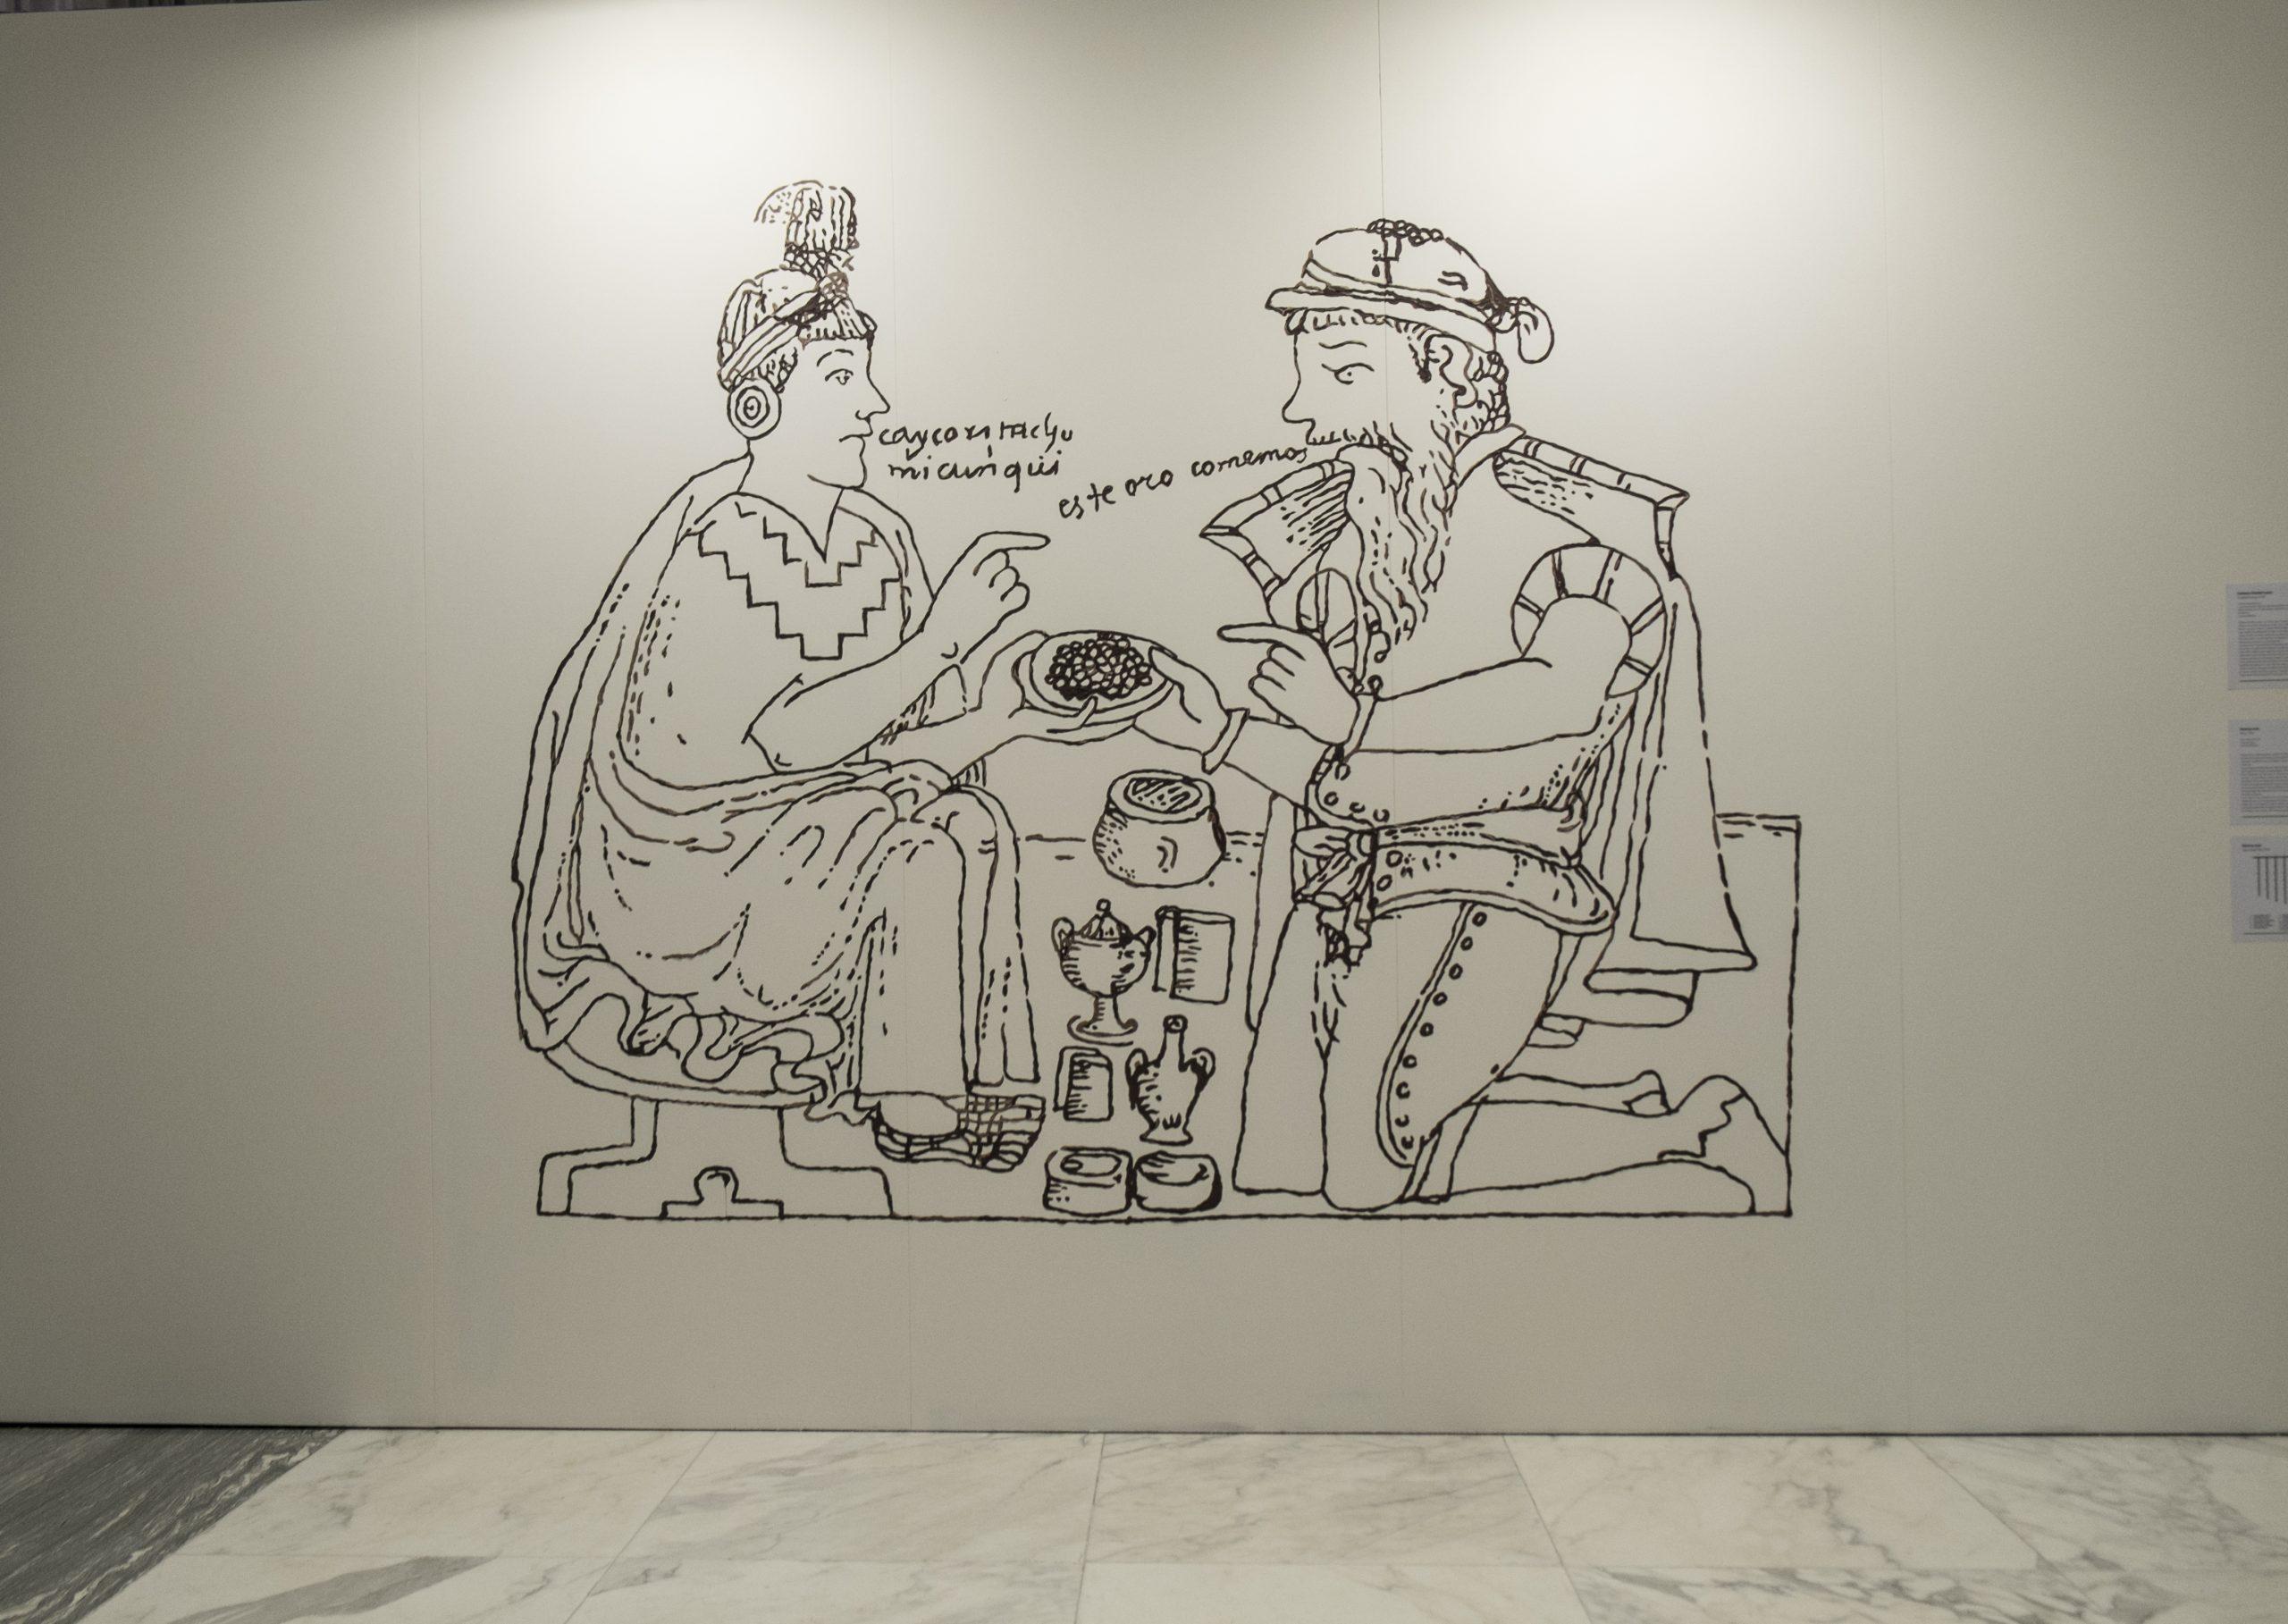 Una cierta idea del paraíso 1. este oro comemos (según Guamán Poma de Ayala), 2006 - 2021 Murale realizzato con cioccolato italiano, elaborato con cacao ecuadoriano. Courtesy dell'artista.